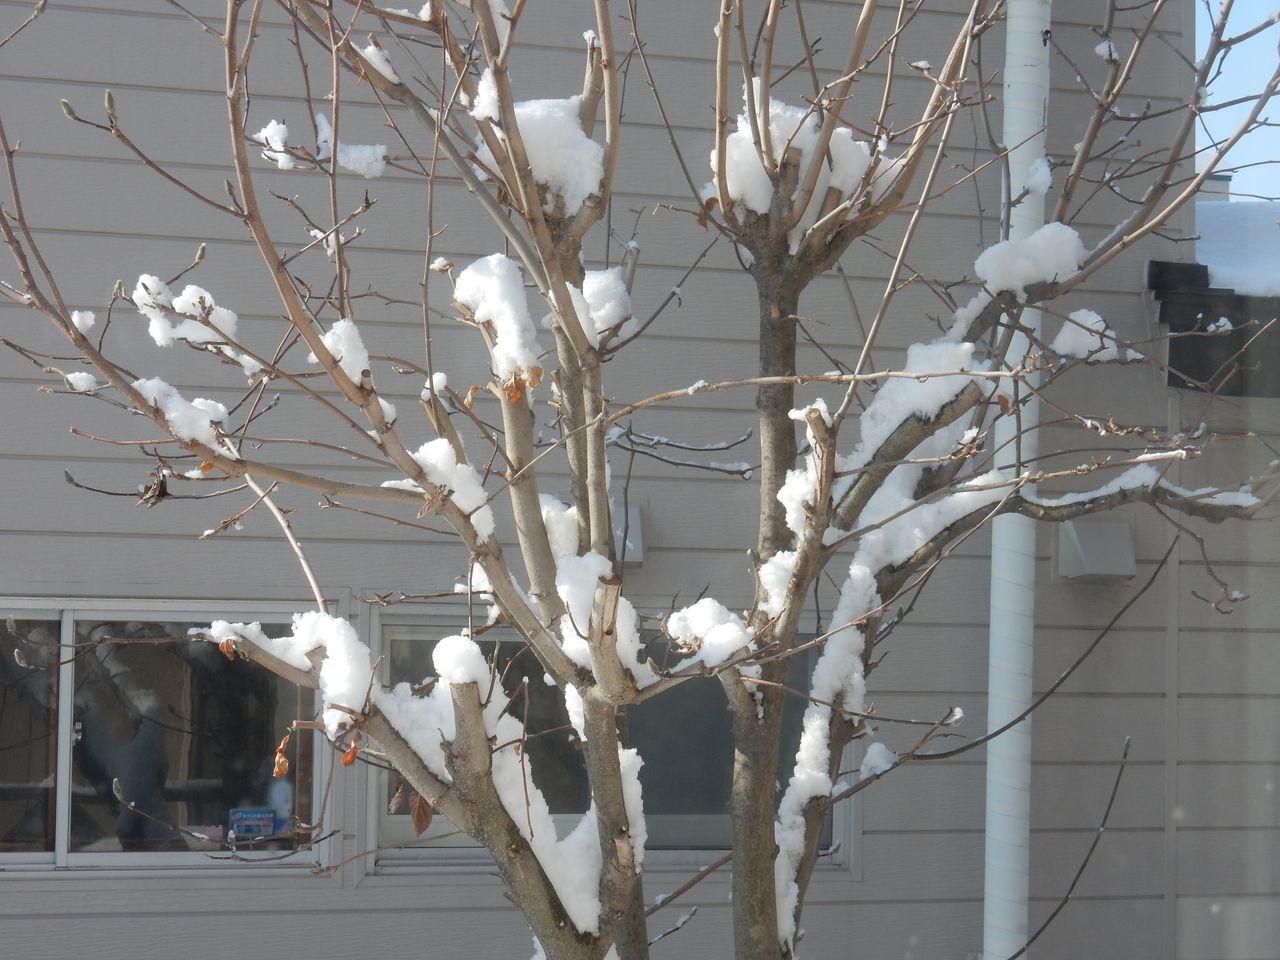 綿菓子のような雪の後、最高気温4.4℃_c0025115_21300082.jpg